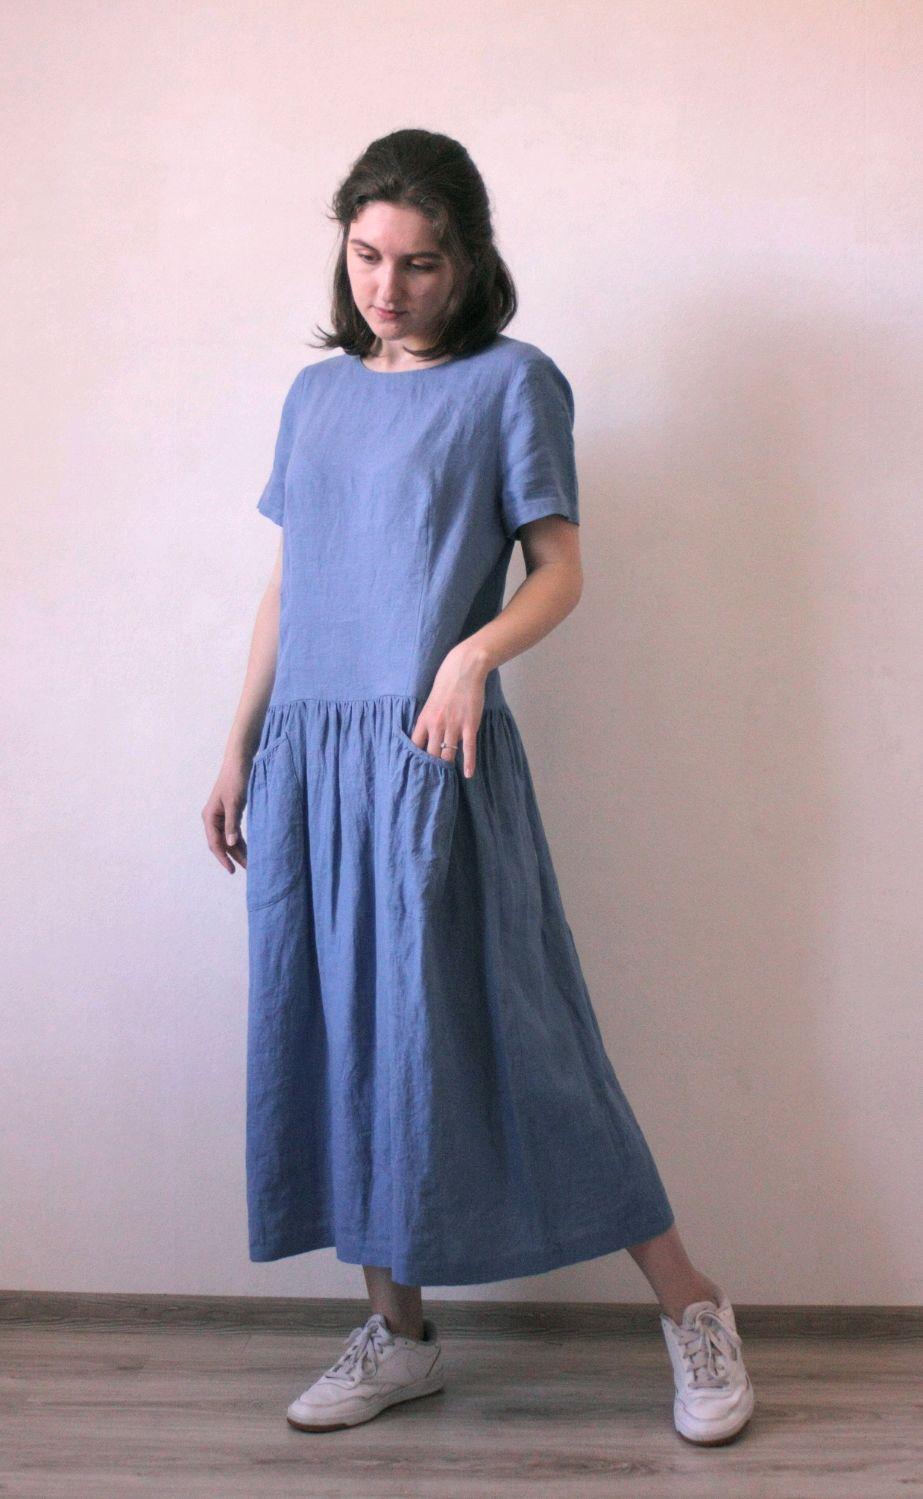 Платье из льна с коротким рукавом синий васильковый цвет, Платья, Новороссийск,  Фото №1